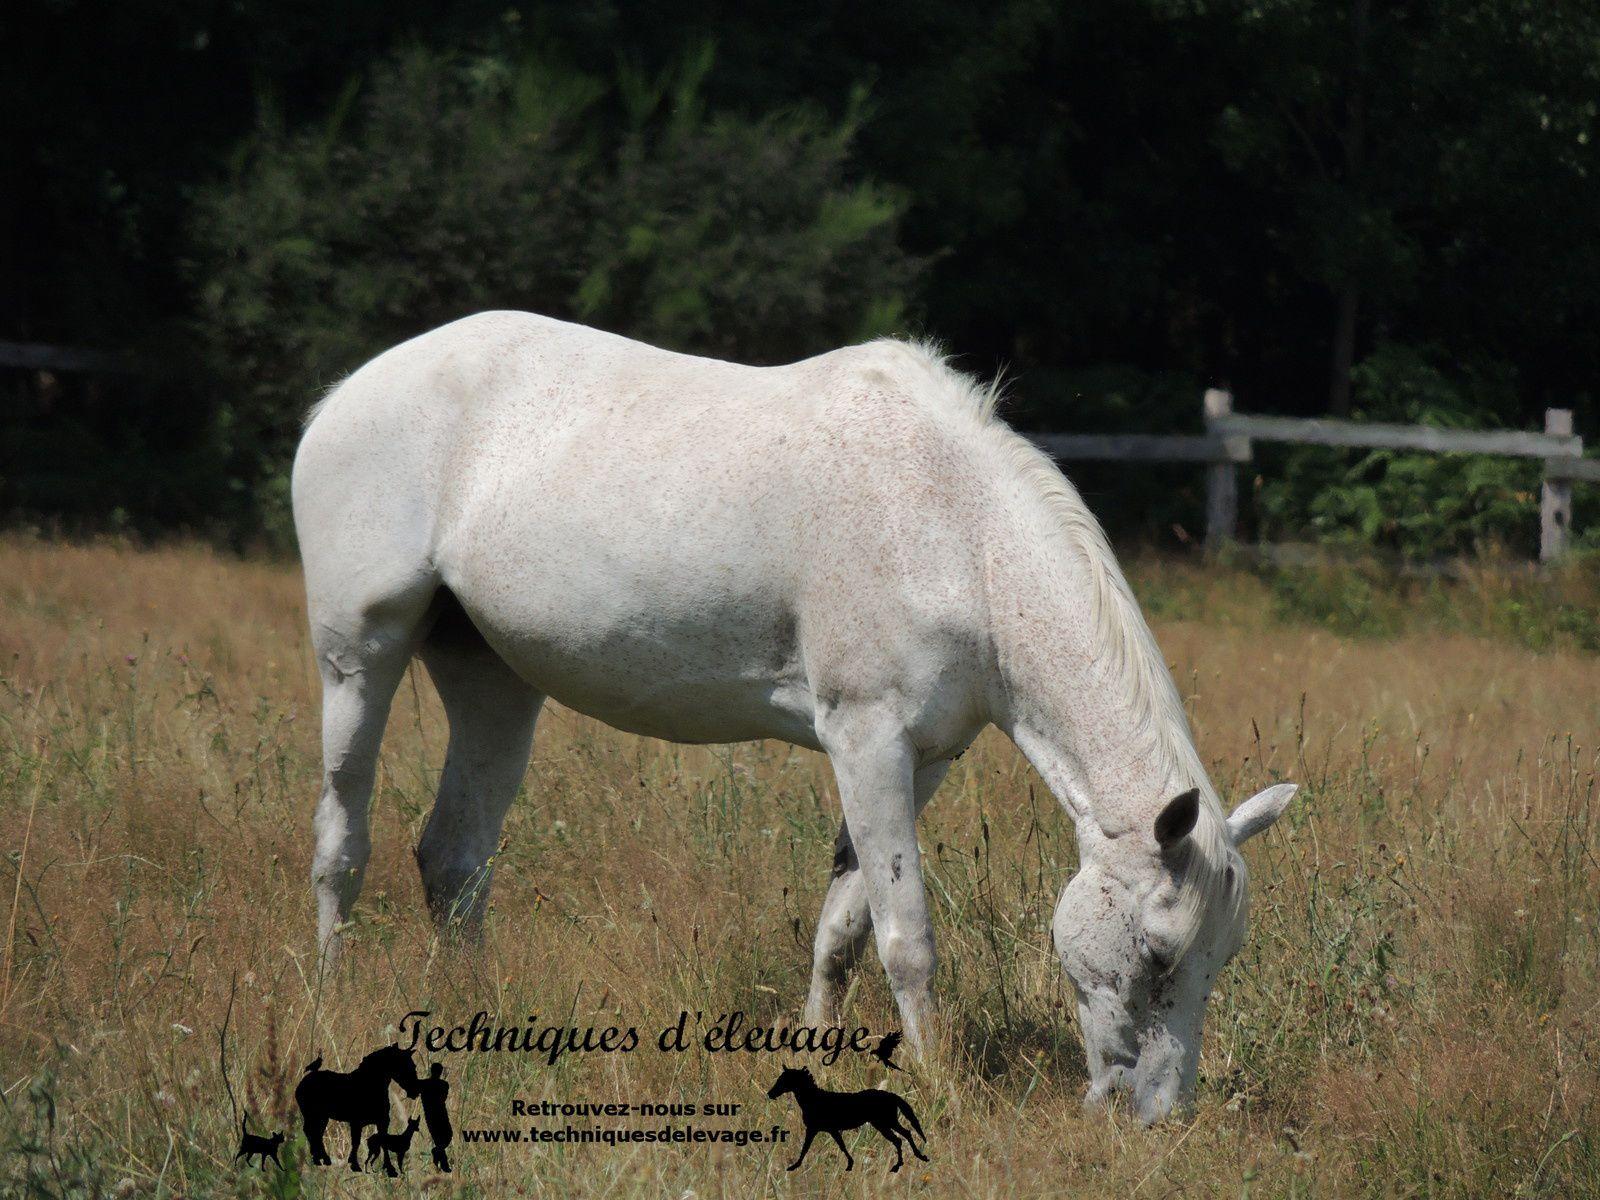 Cheval au pré. Techniques d'élevage. Tous droits réservés